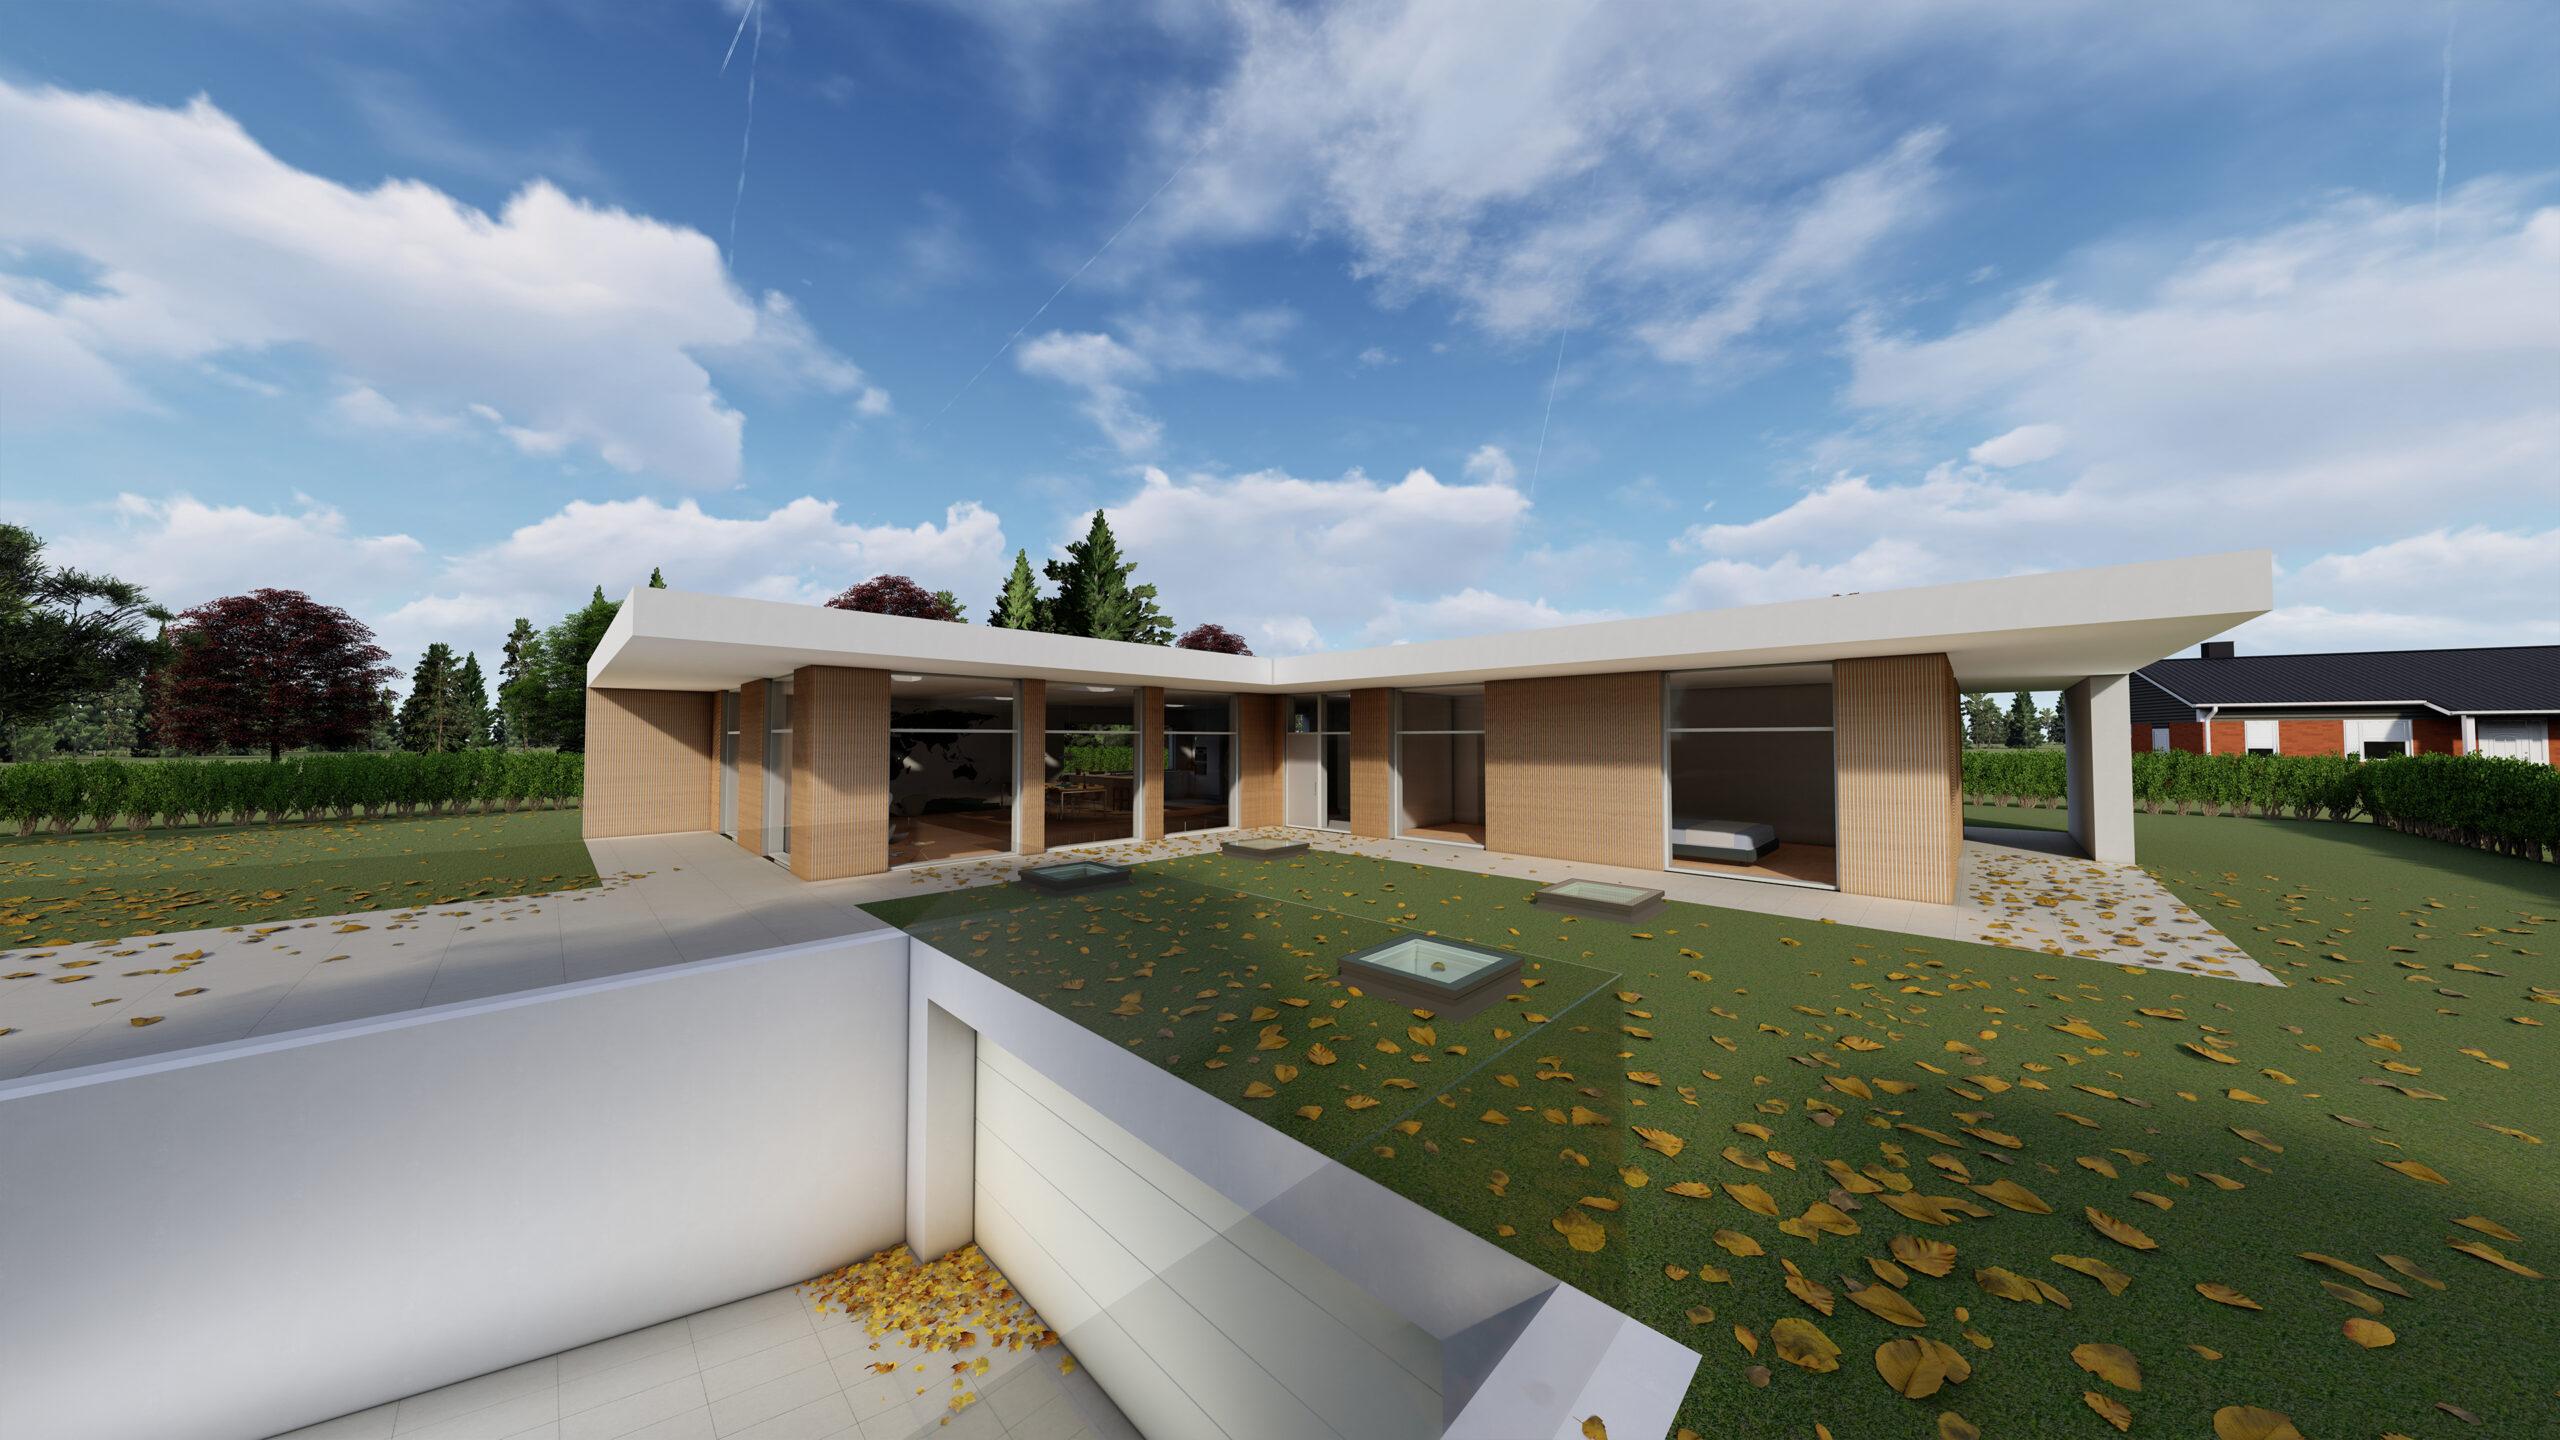 Ptoftdal - Stor hus - udefra 2